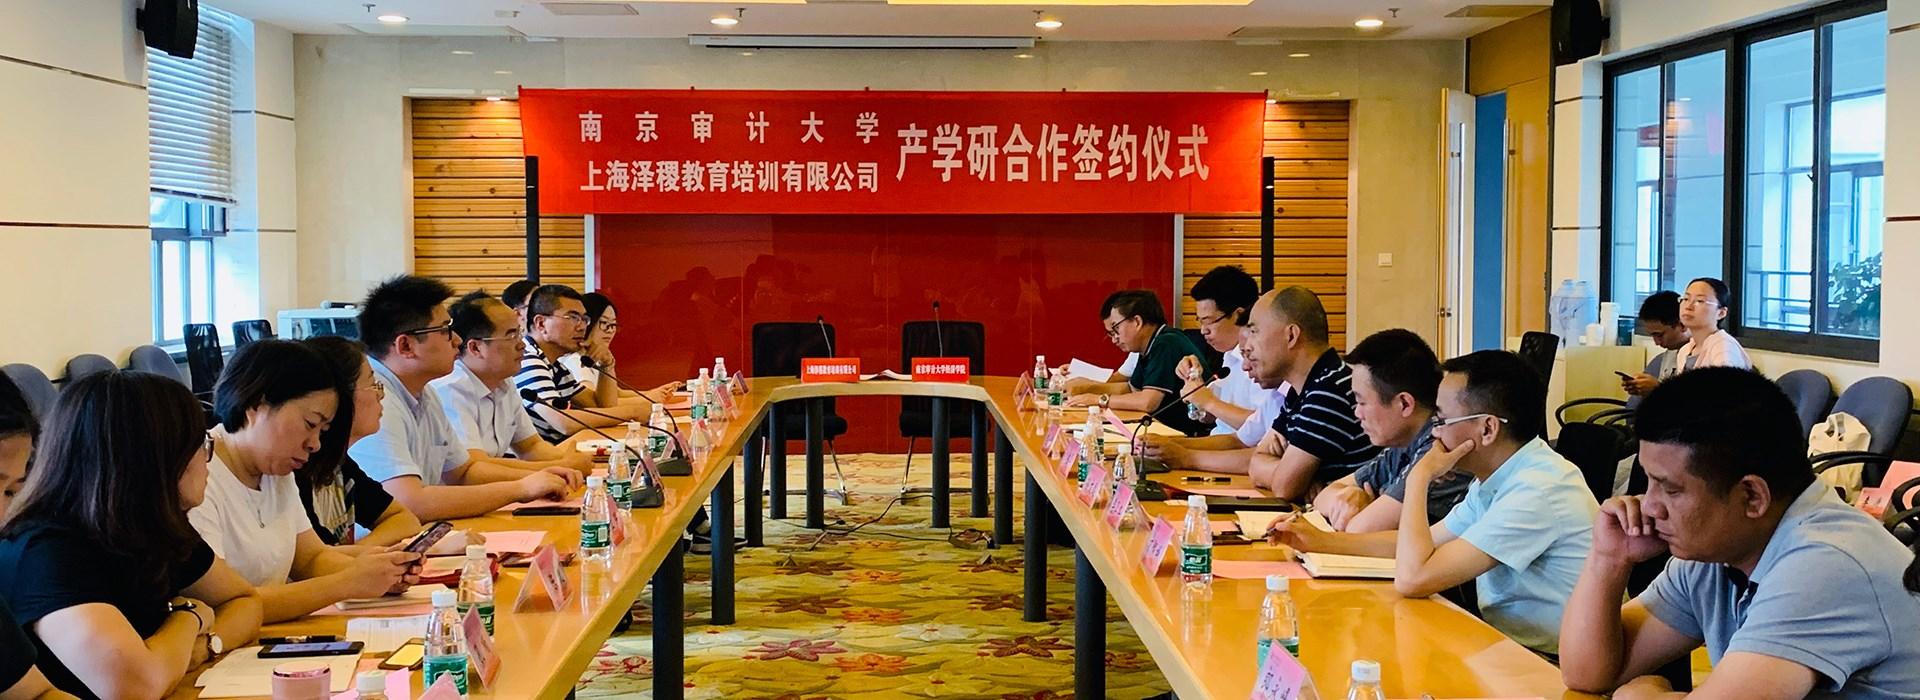 泽稷与南京审计大学签约